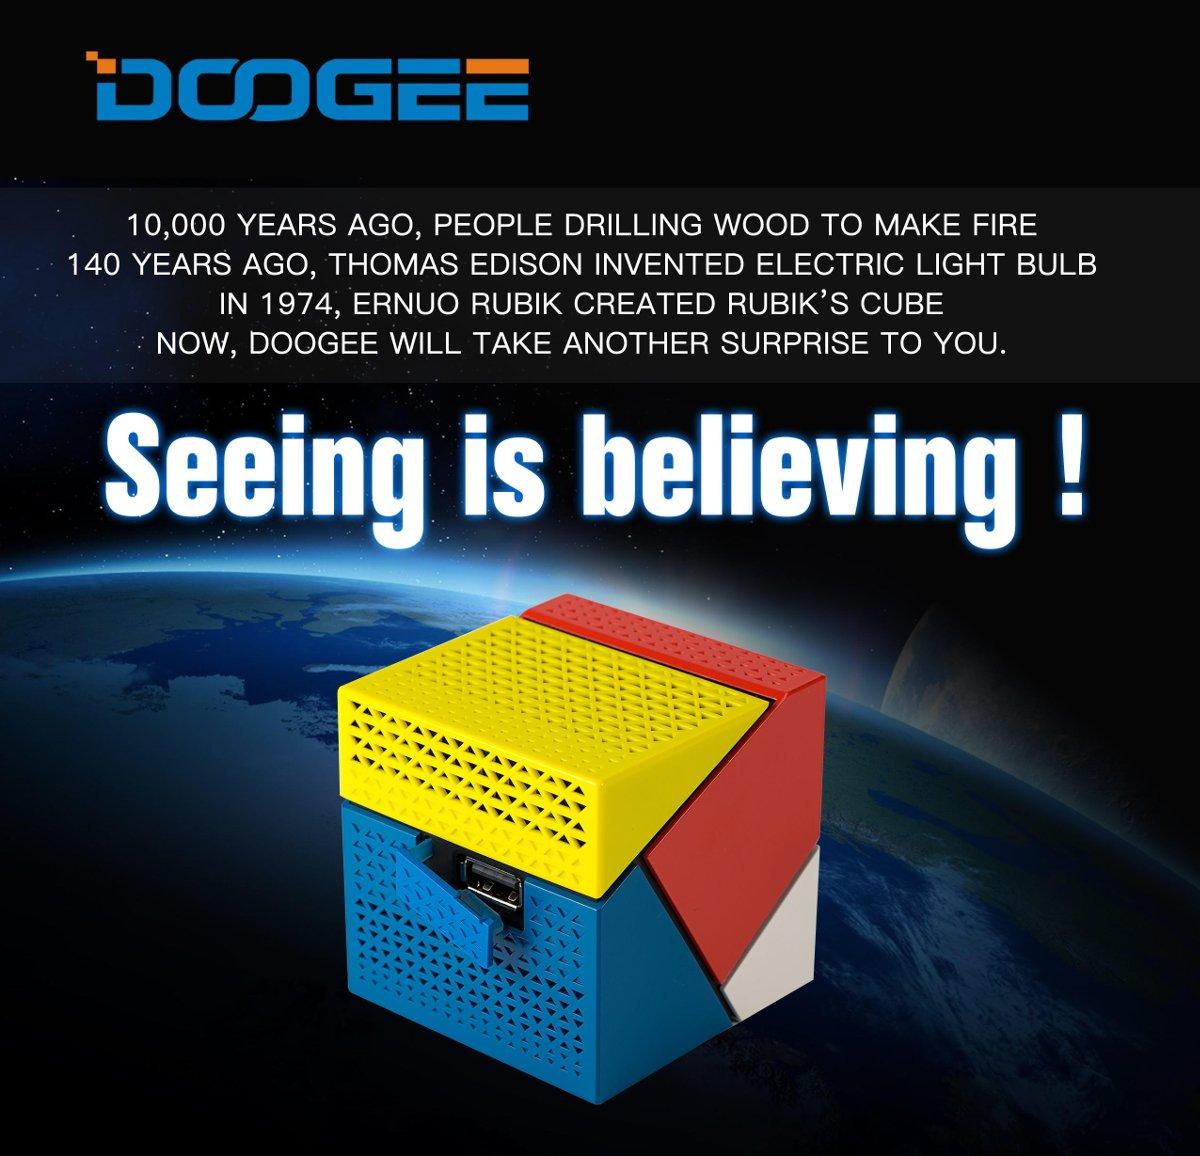 Doogee p1